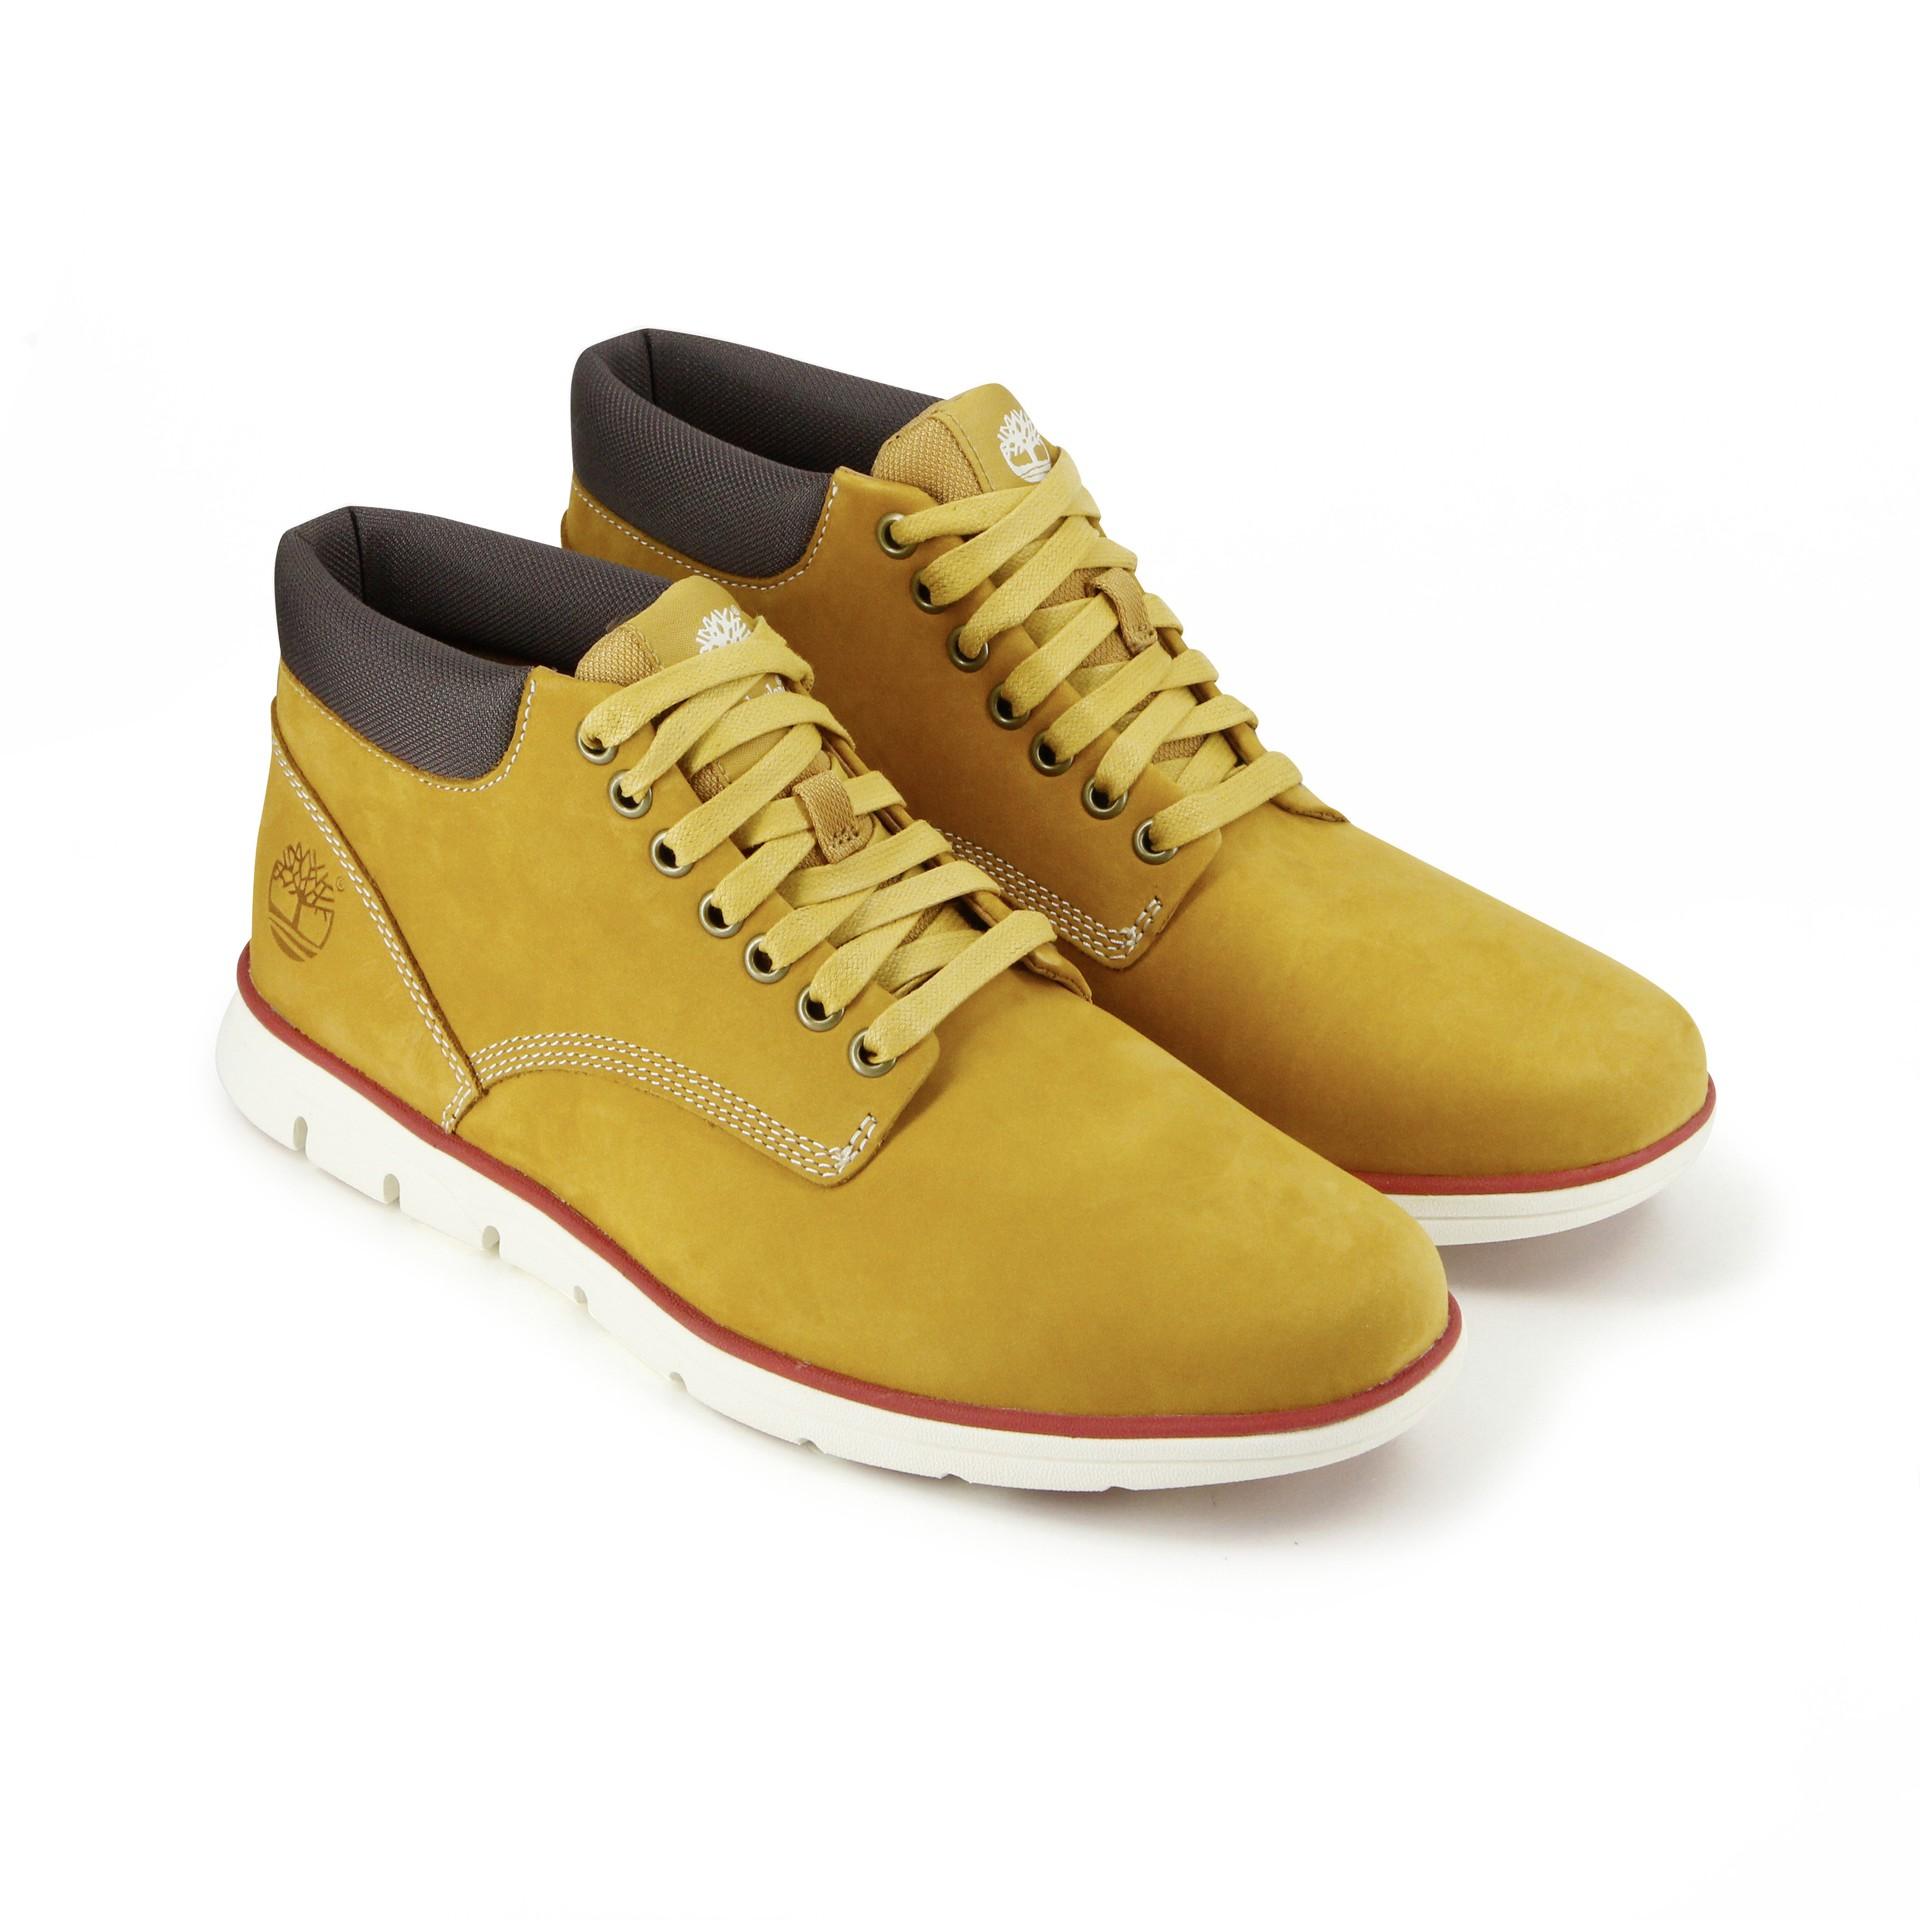 Courir Chaussure Chaussure Timberland Chaussure Courir Homme Homme Timberland rqw0Icra